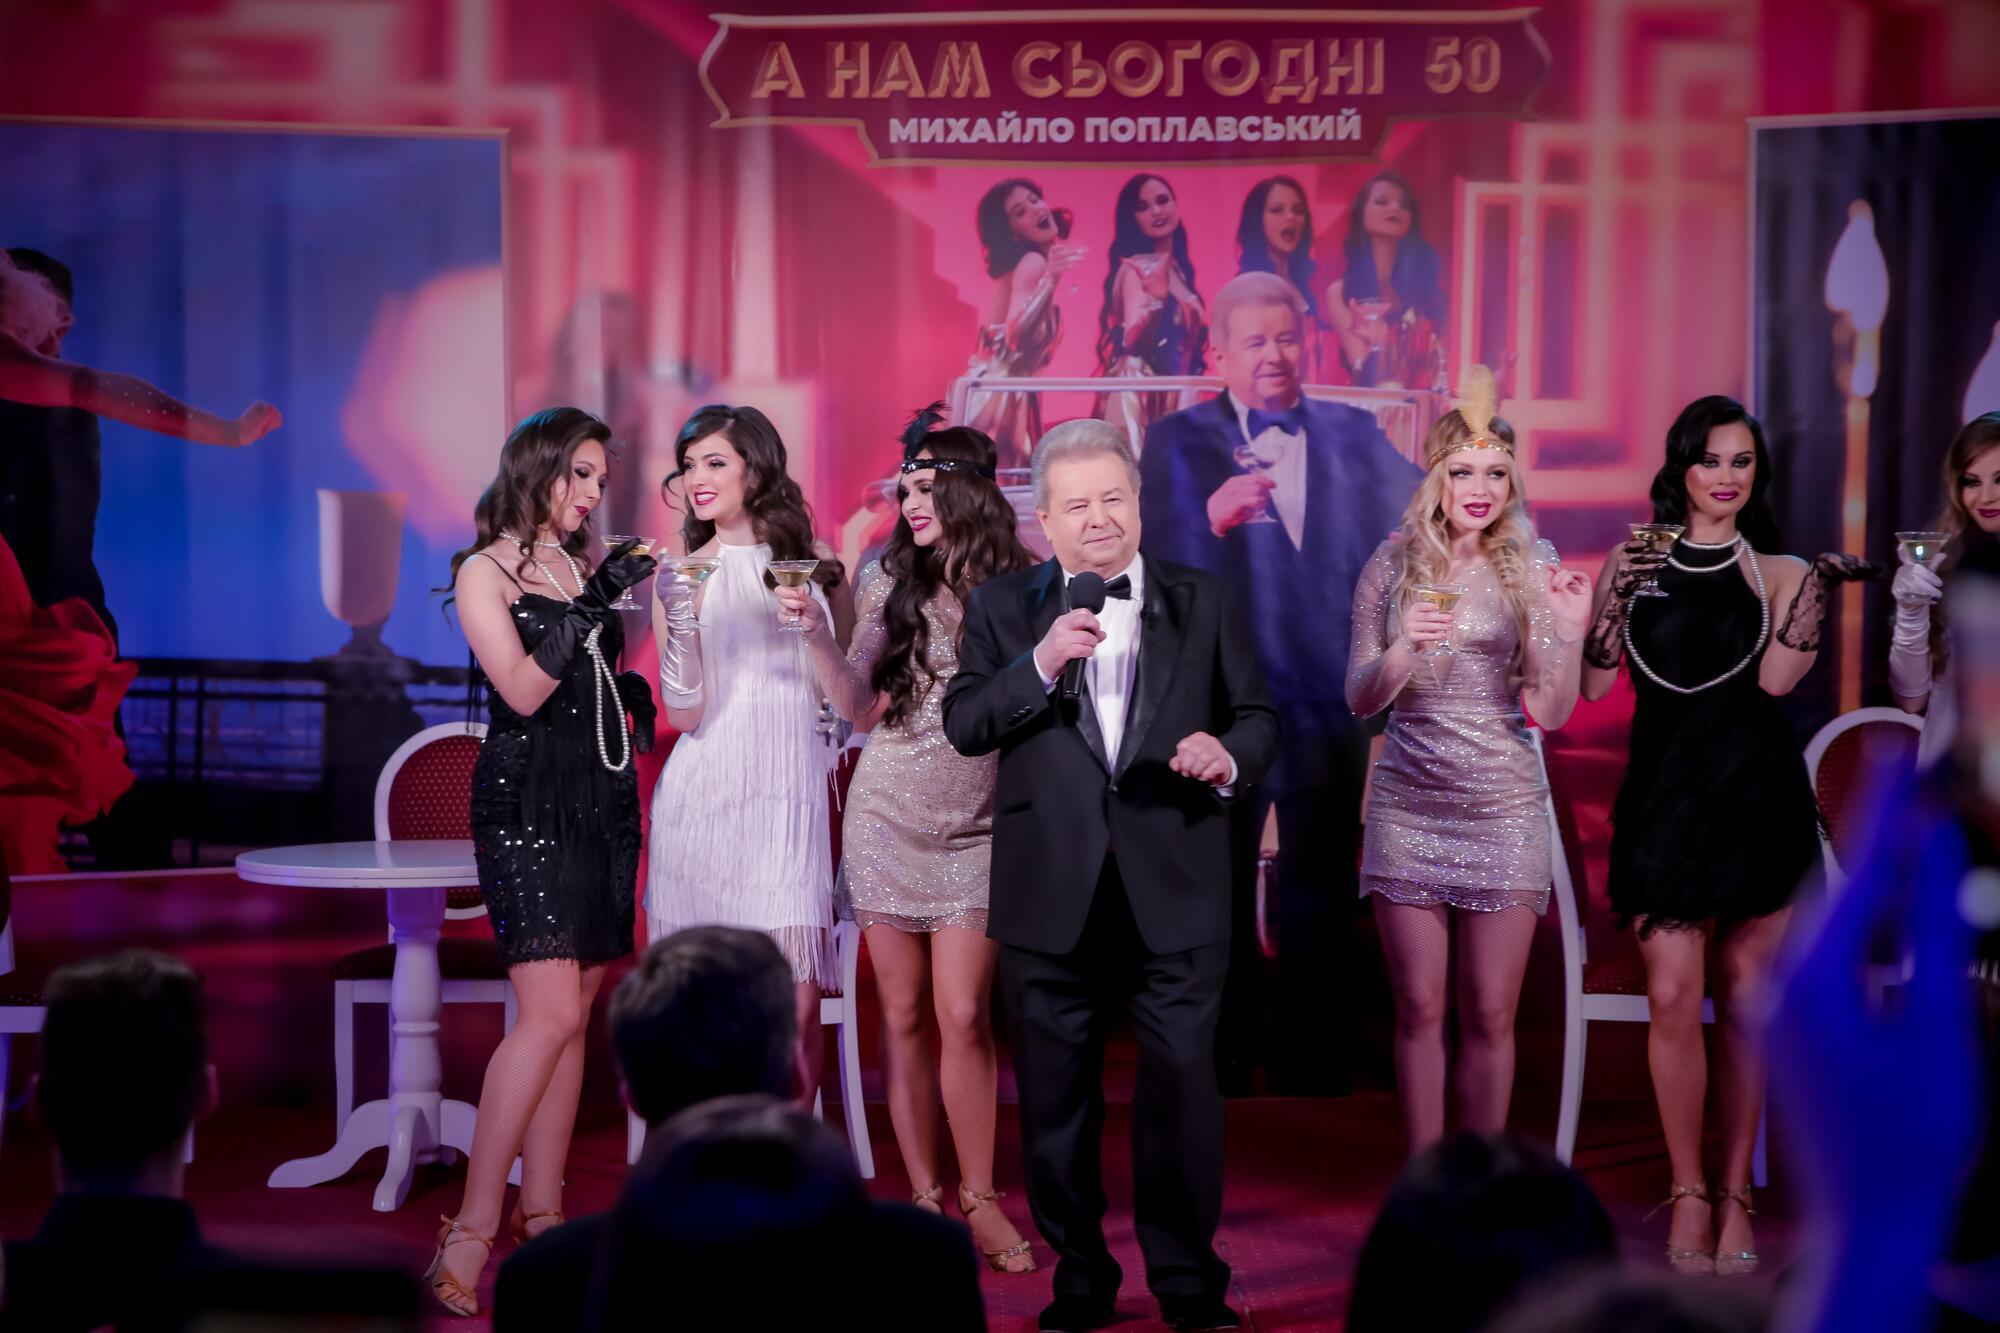 Поплавский представил новое видео, которое доказывает – после 50 жизнь только начинается